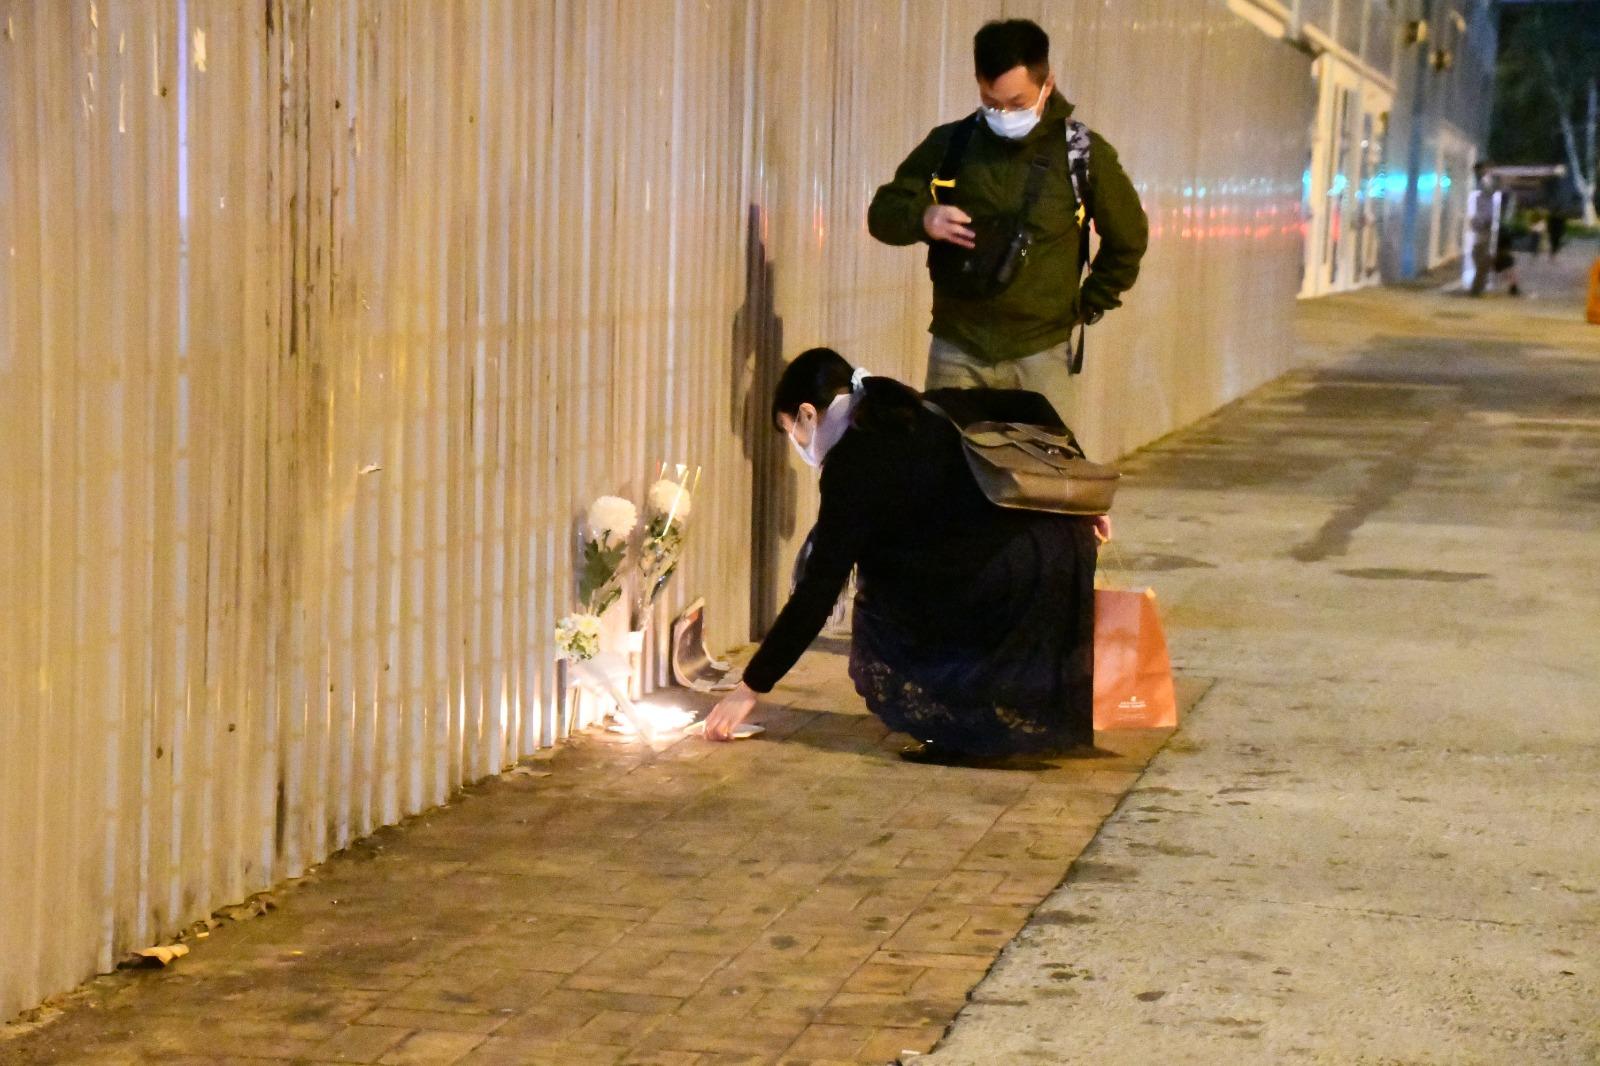 晚上有街坊到尚十現場拜祭悼念周梓樂。(攝影:Big Mack/大紀元)